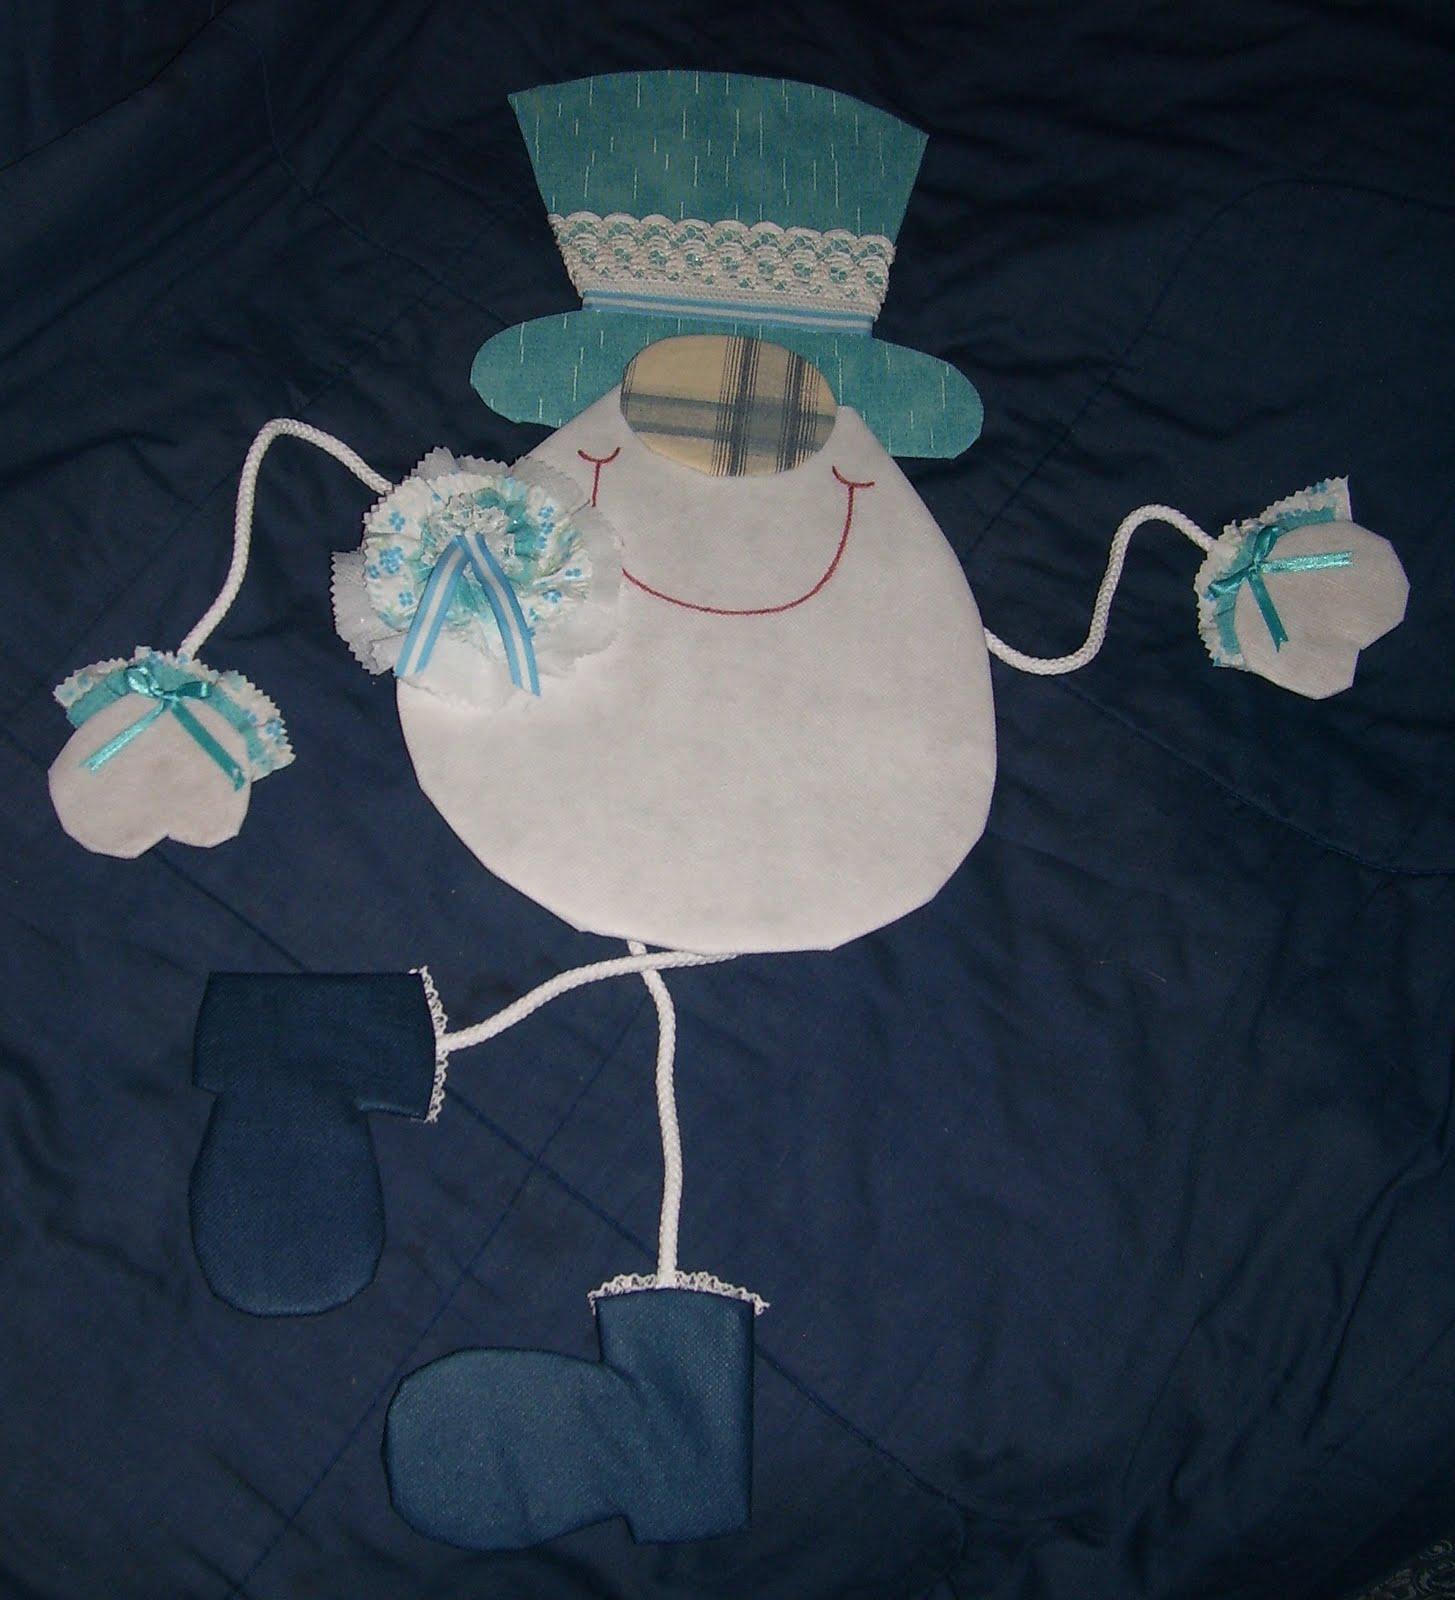 de tala banca para cuerpo y manos decorarla con puntillas azul para